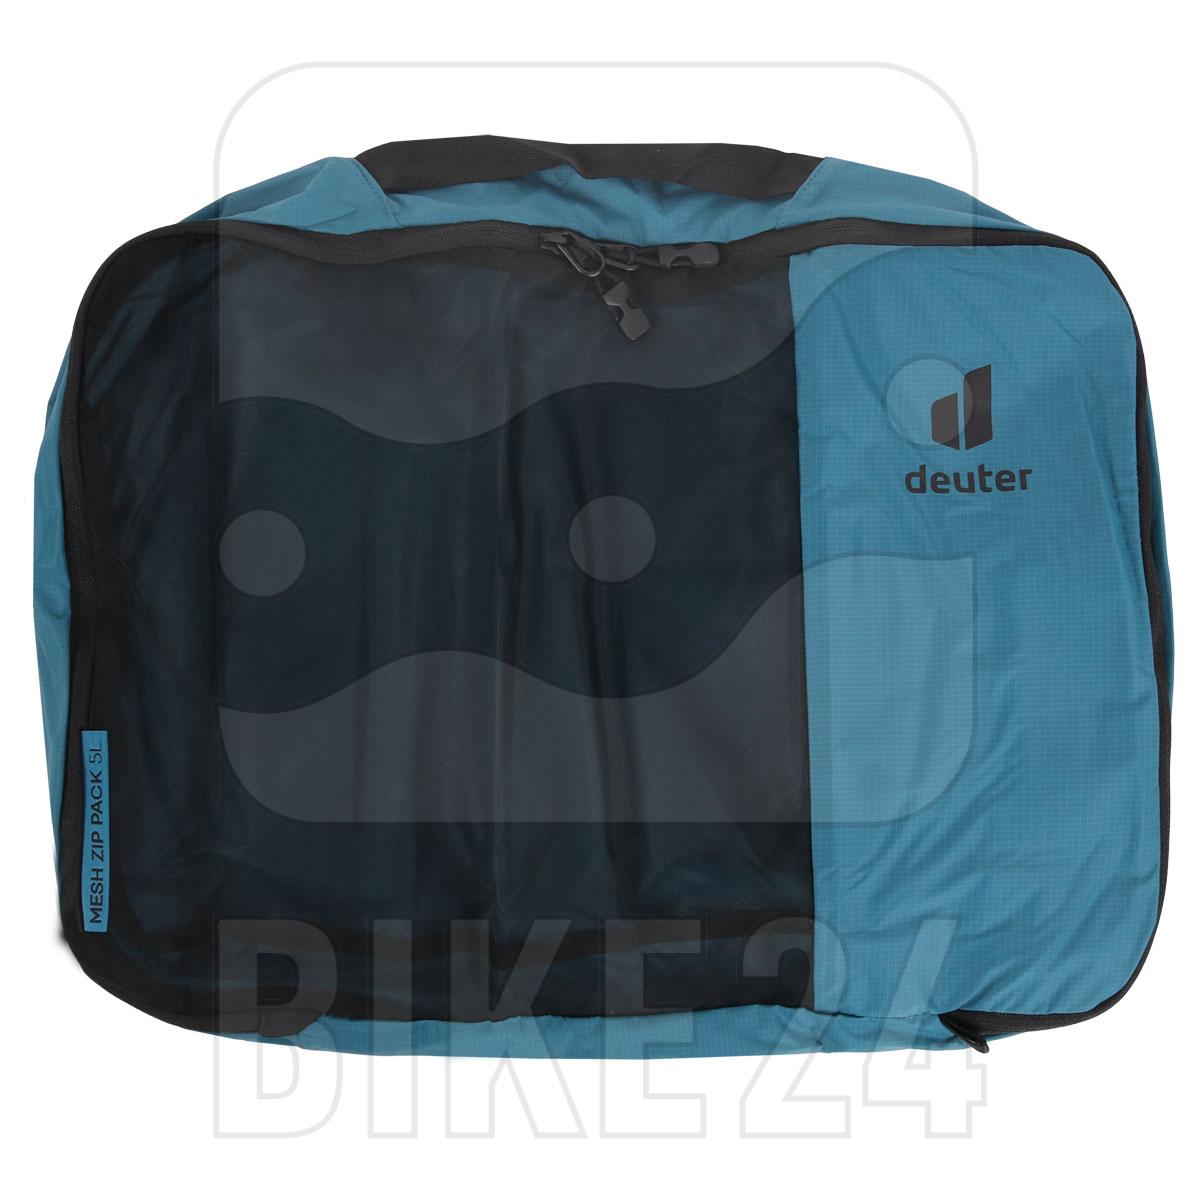 Deuter Mesh Zip Pack 5 liters - denim-black